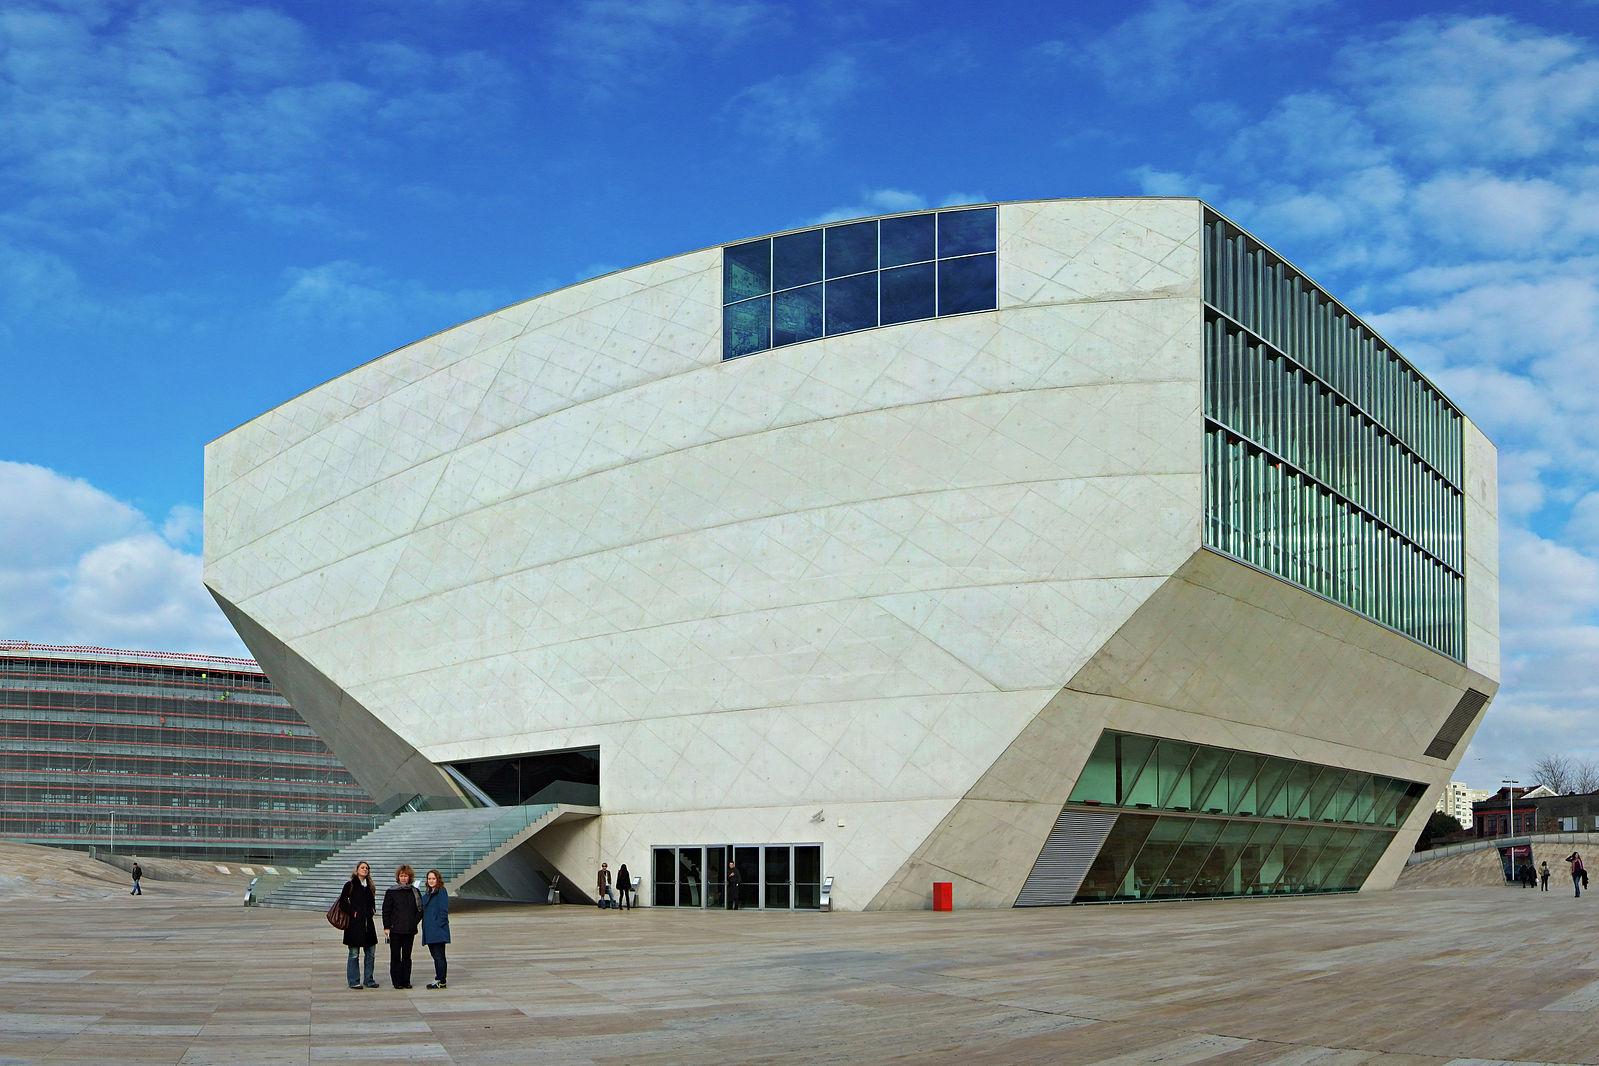 Casa Da Musica - 2 Days in Porto, Portugal Itinerary